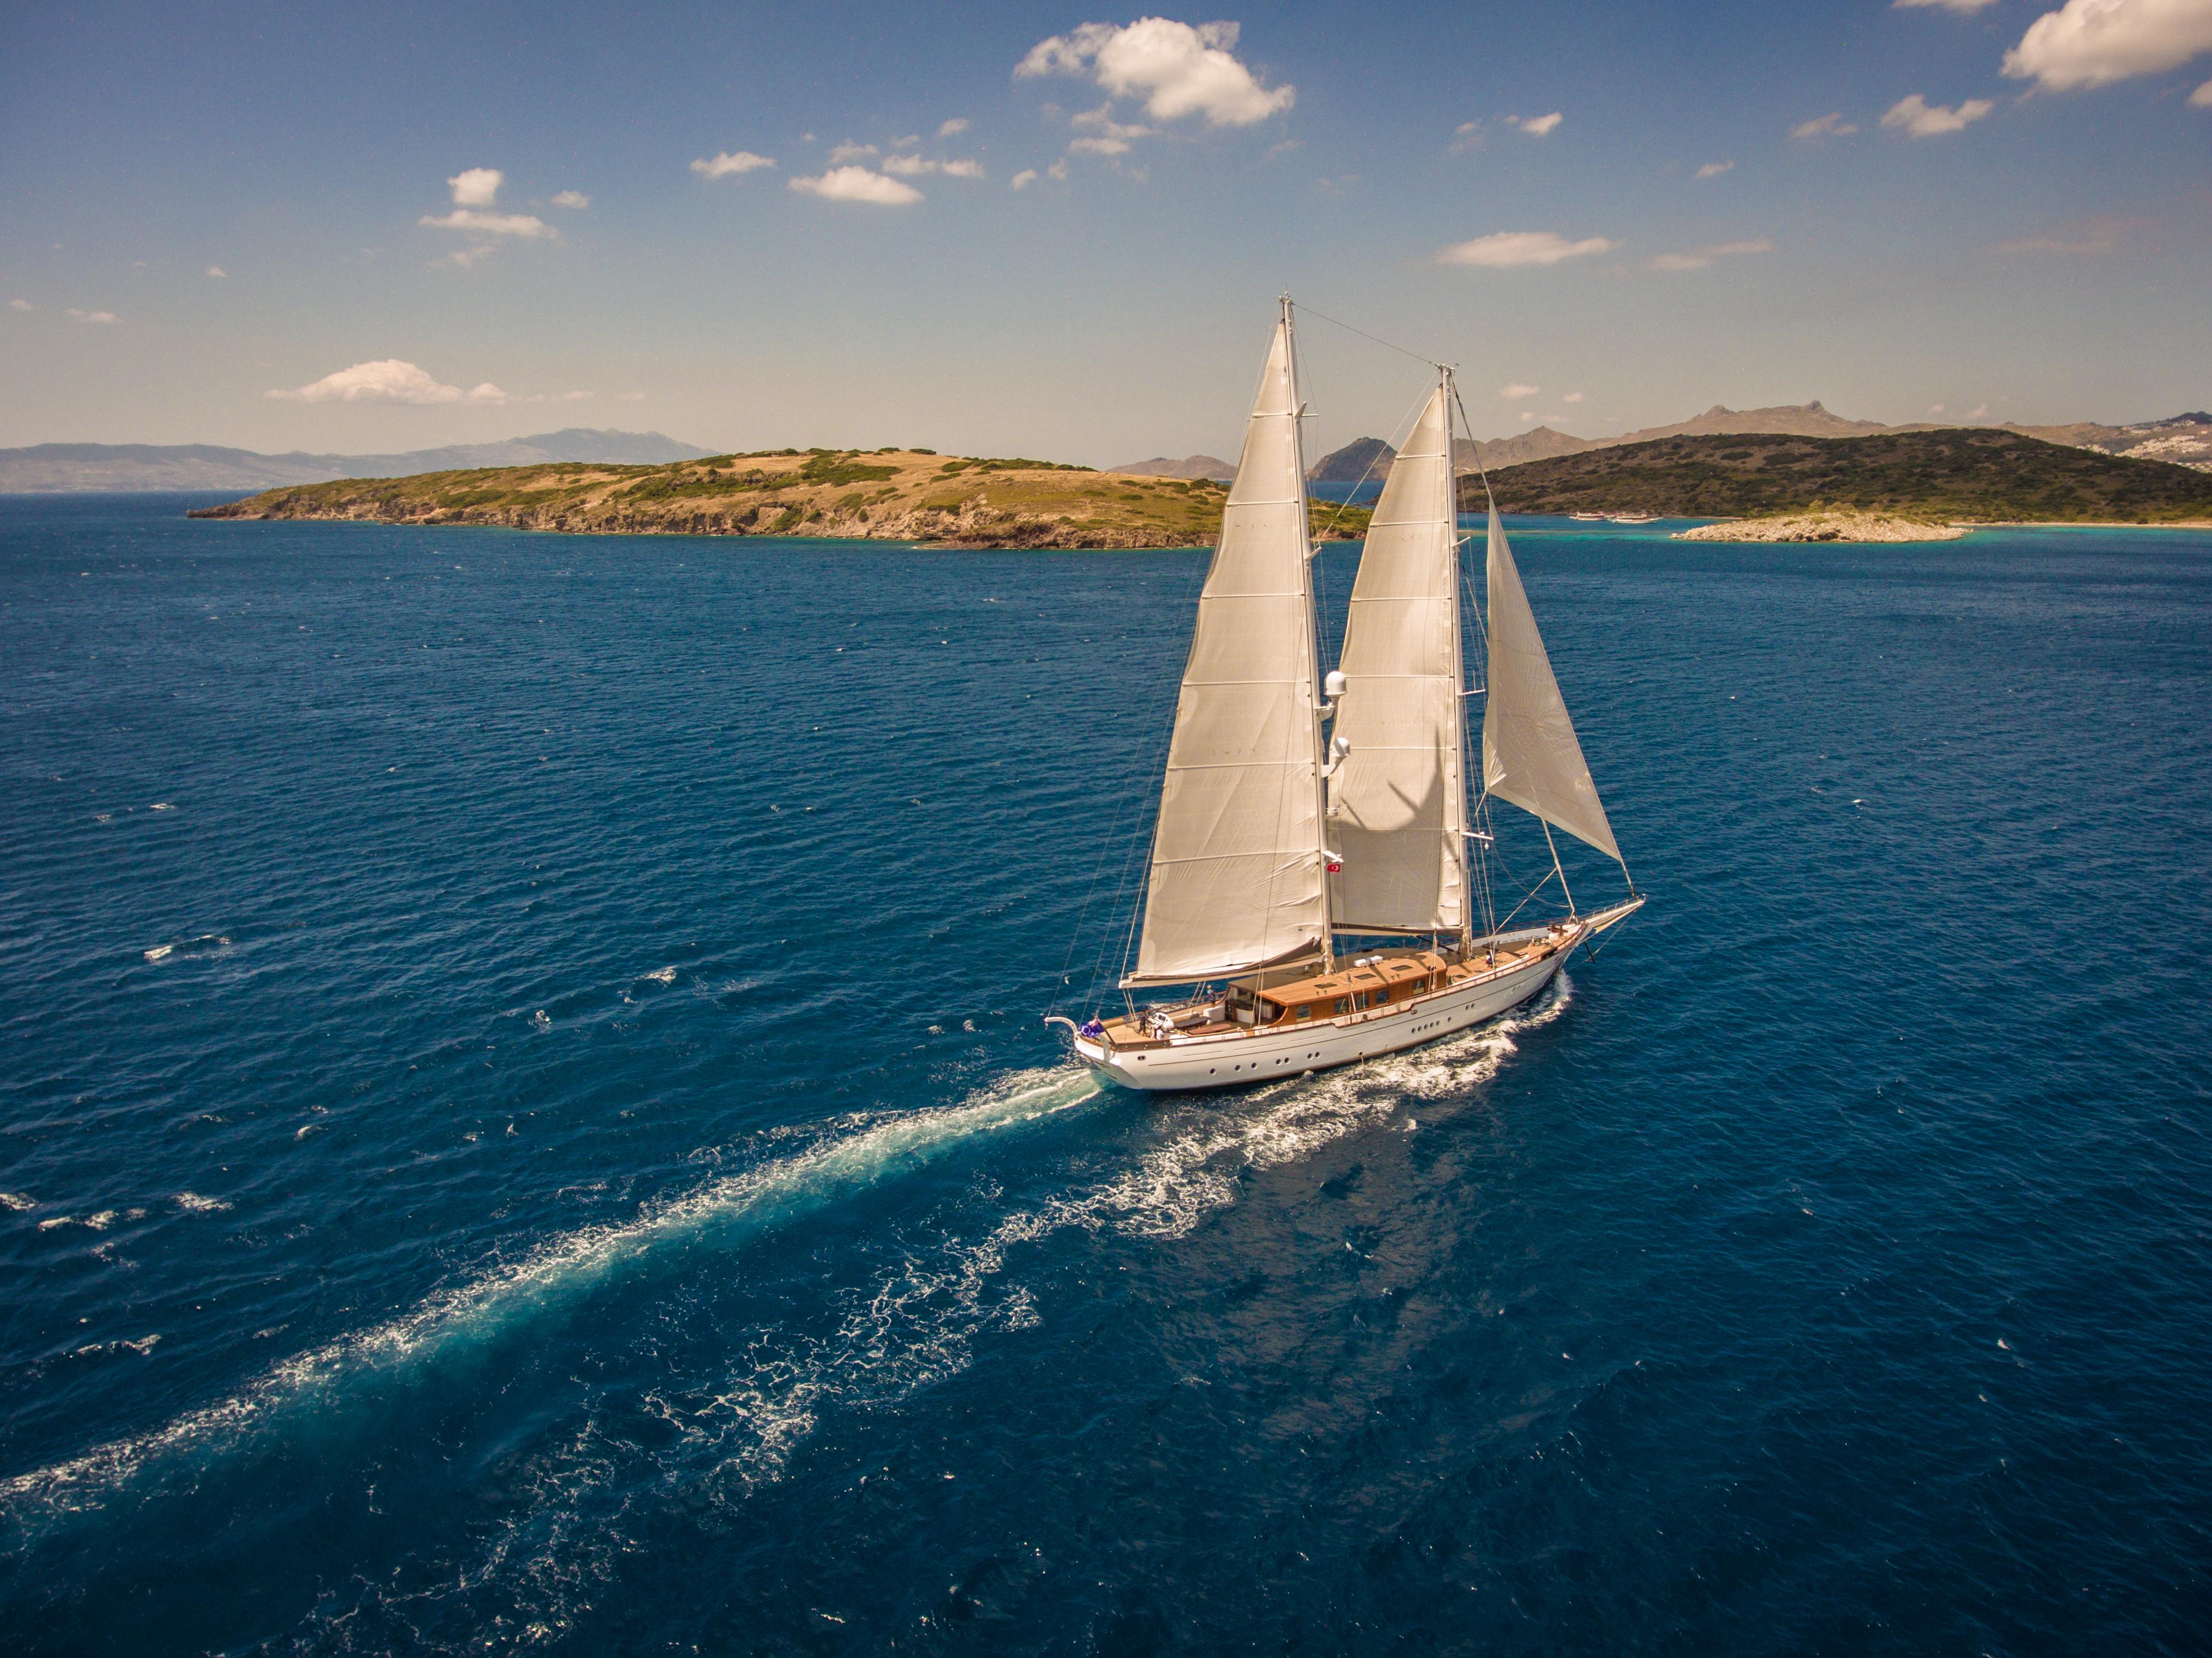 ZANZIBA Running under sail